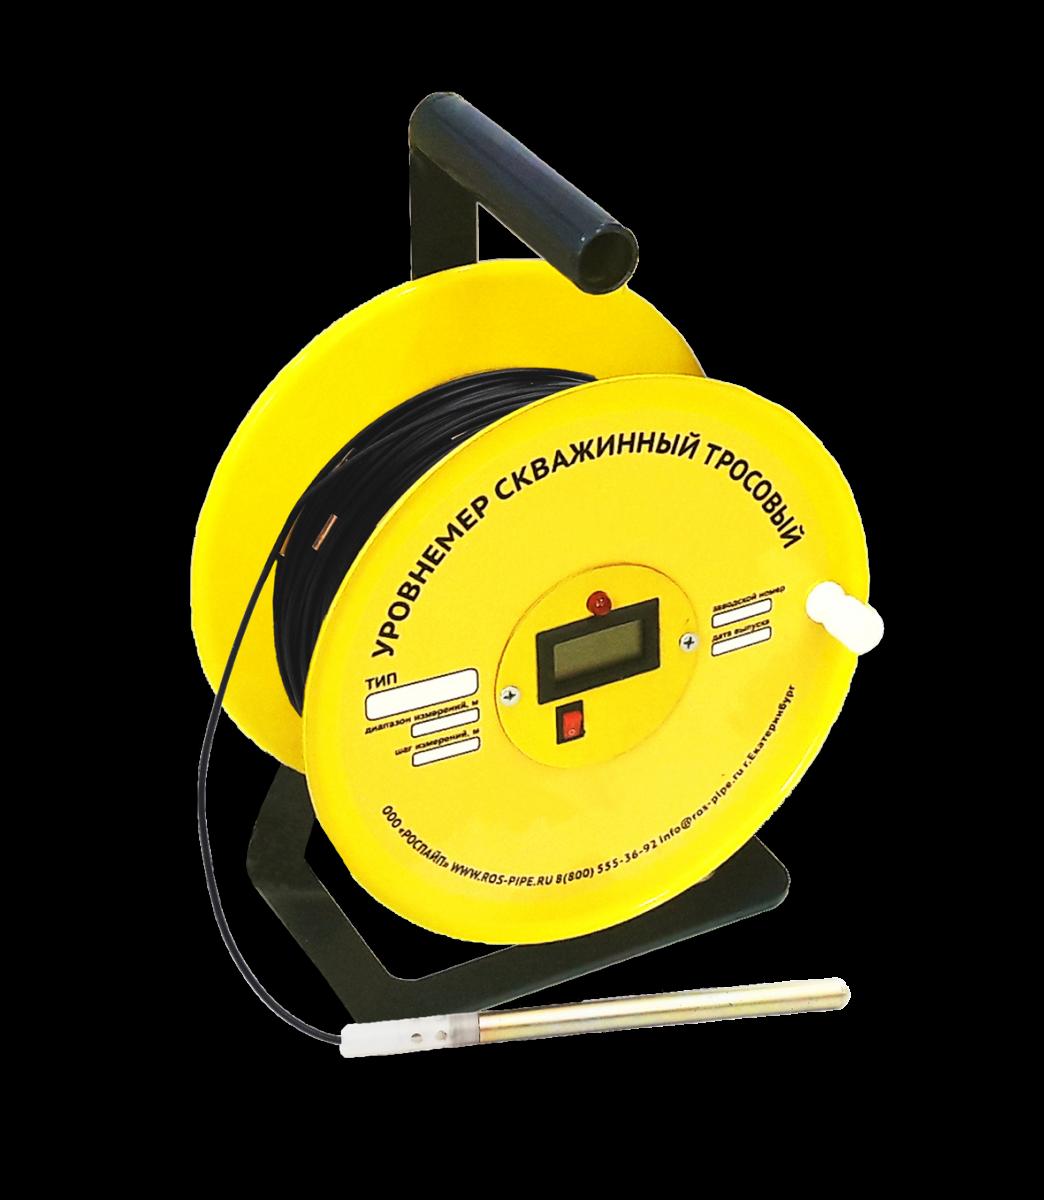 Уровнемер с термометром УТСК-ТЭ-250